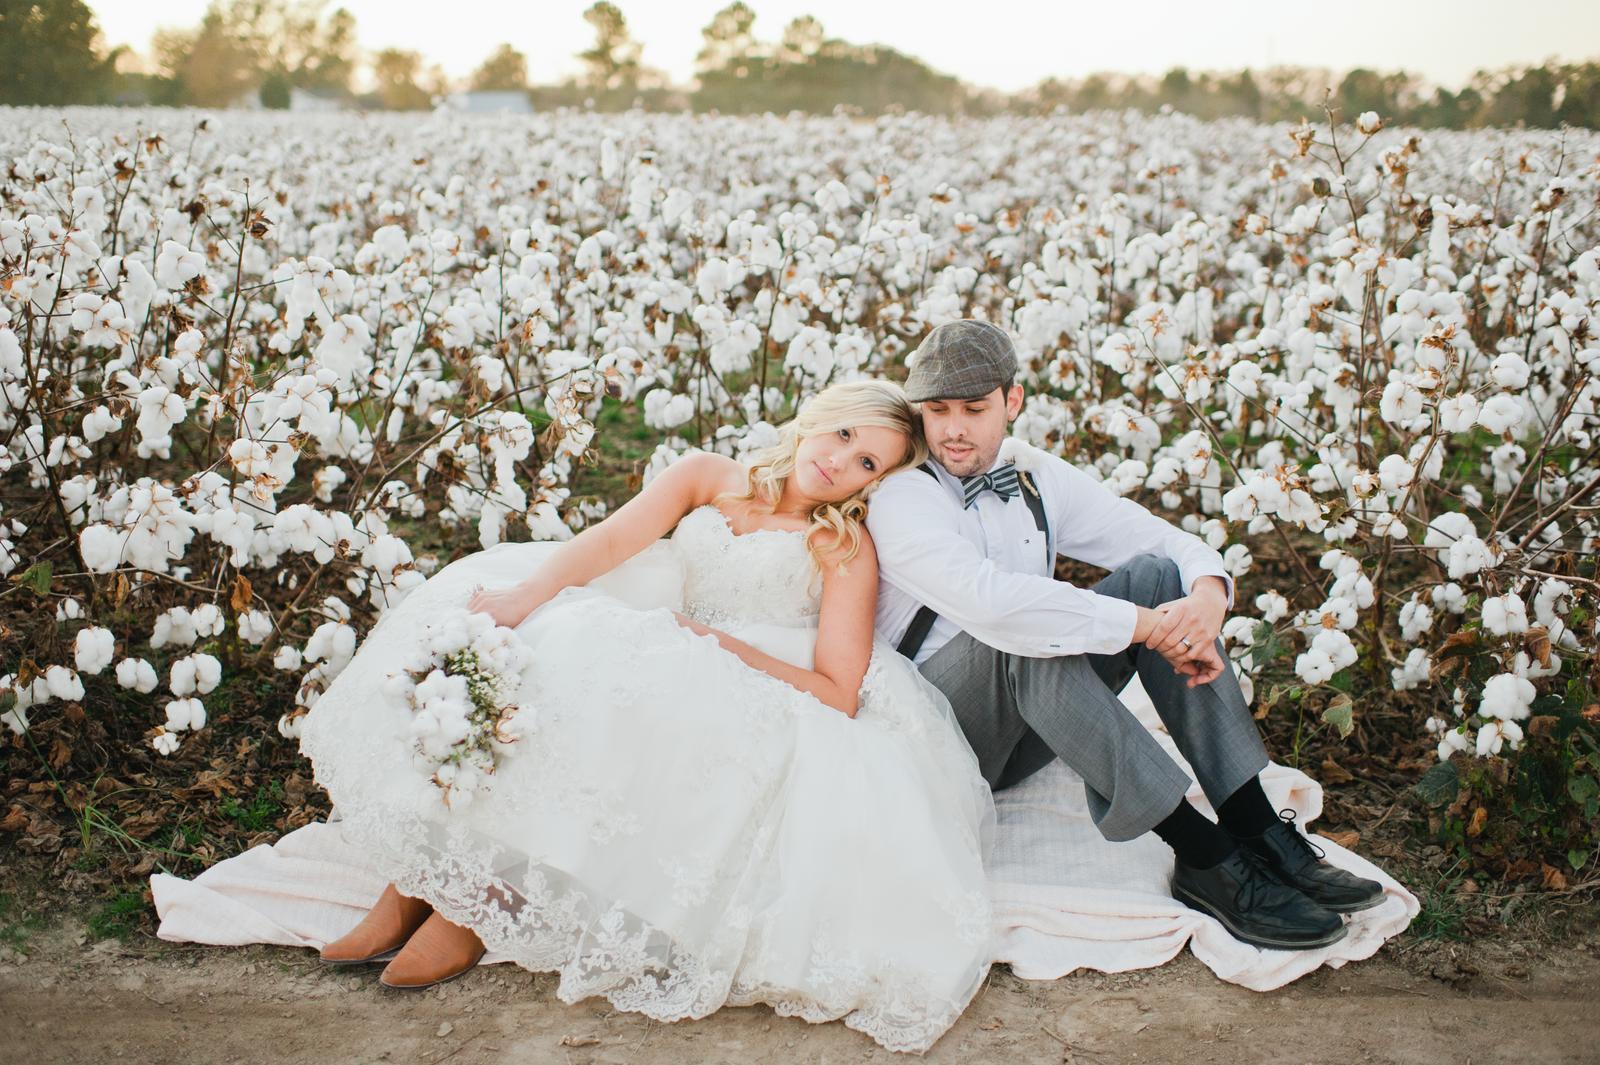 Wedding photo ideas - Obrázok č. 43